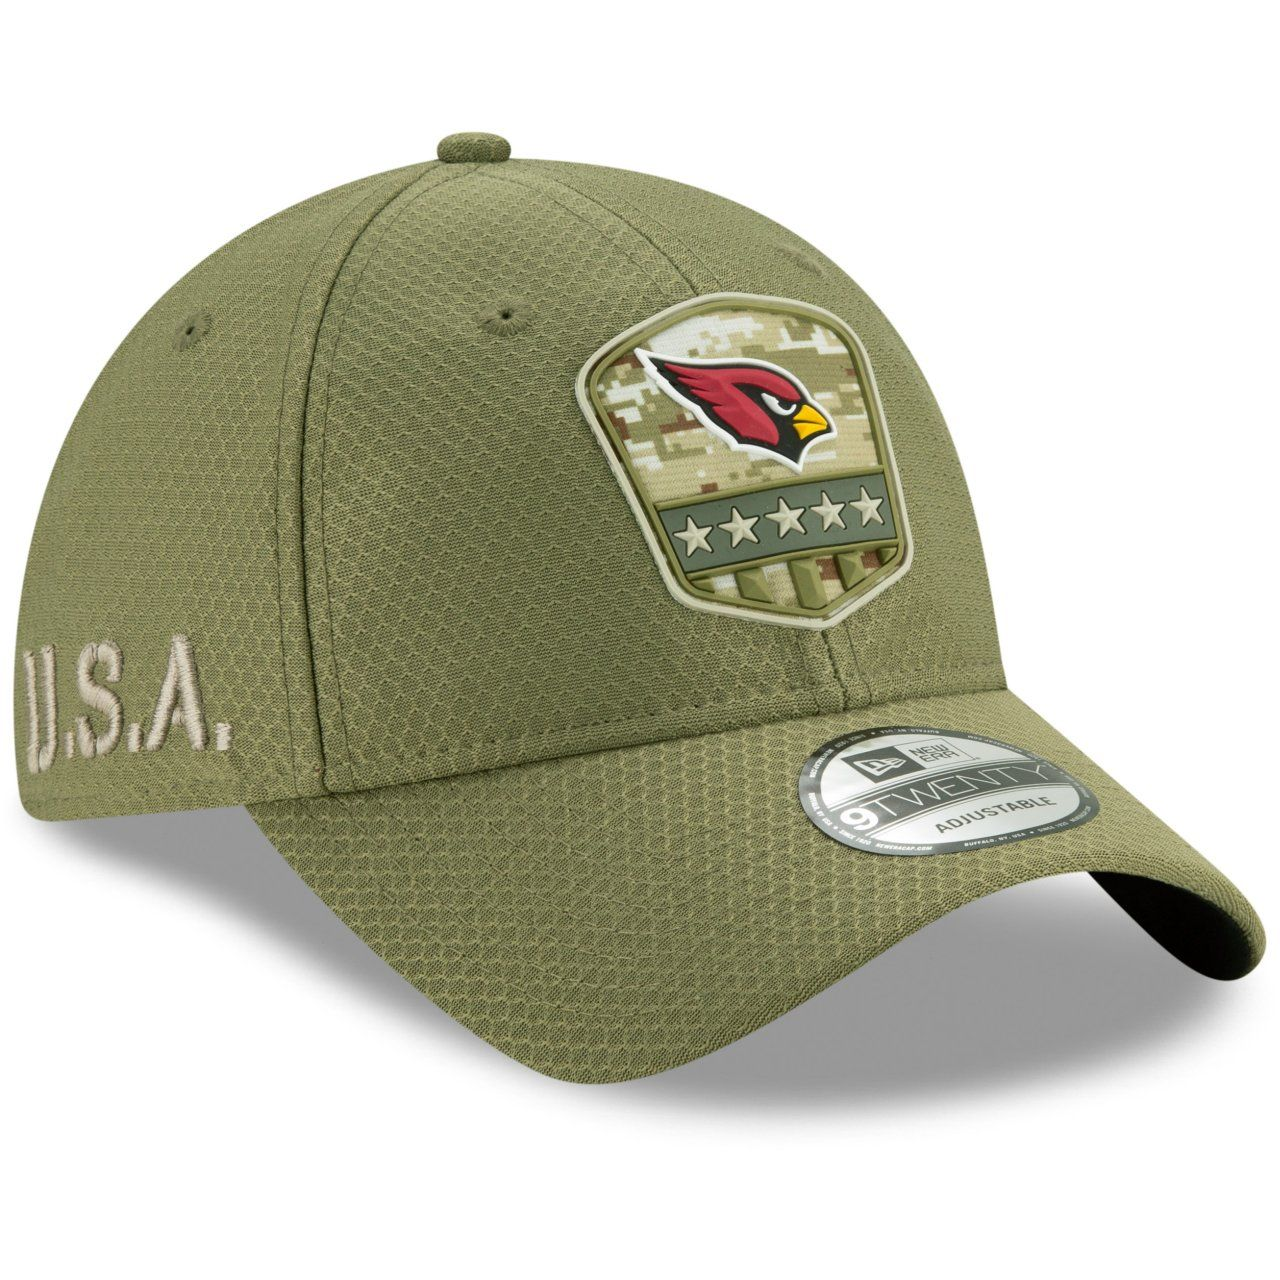 amfoo - New Era 9Twenty Cap Salute to Service Arizona Cardinals